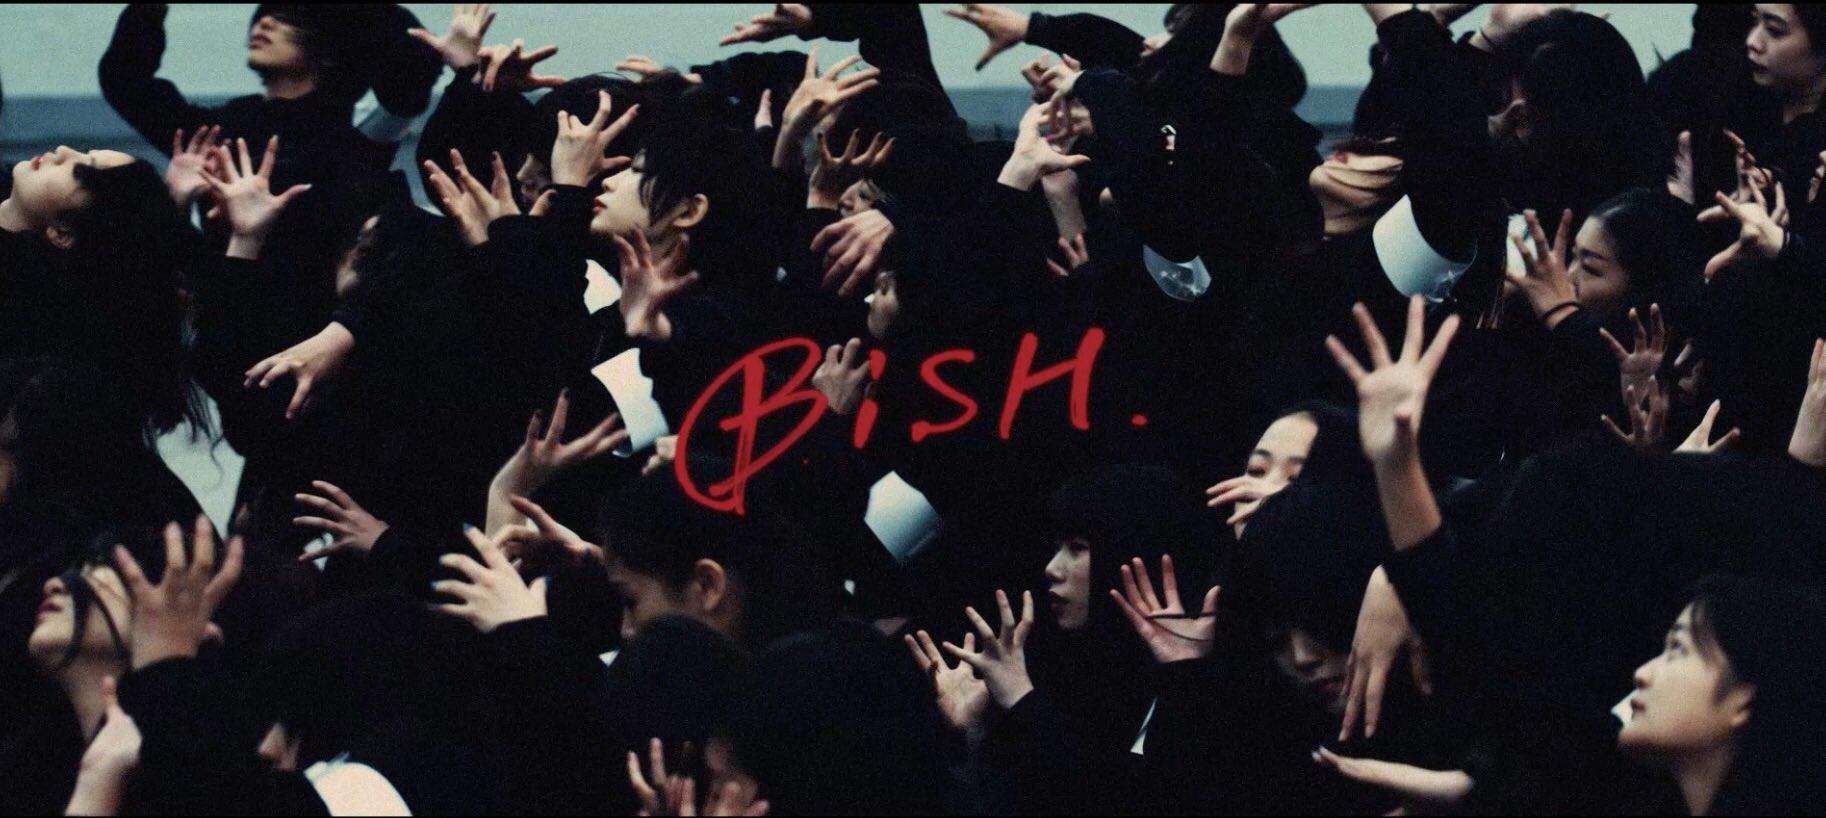 Bish 動画 アメトーク